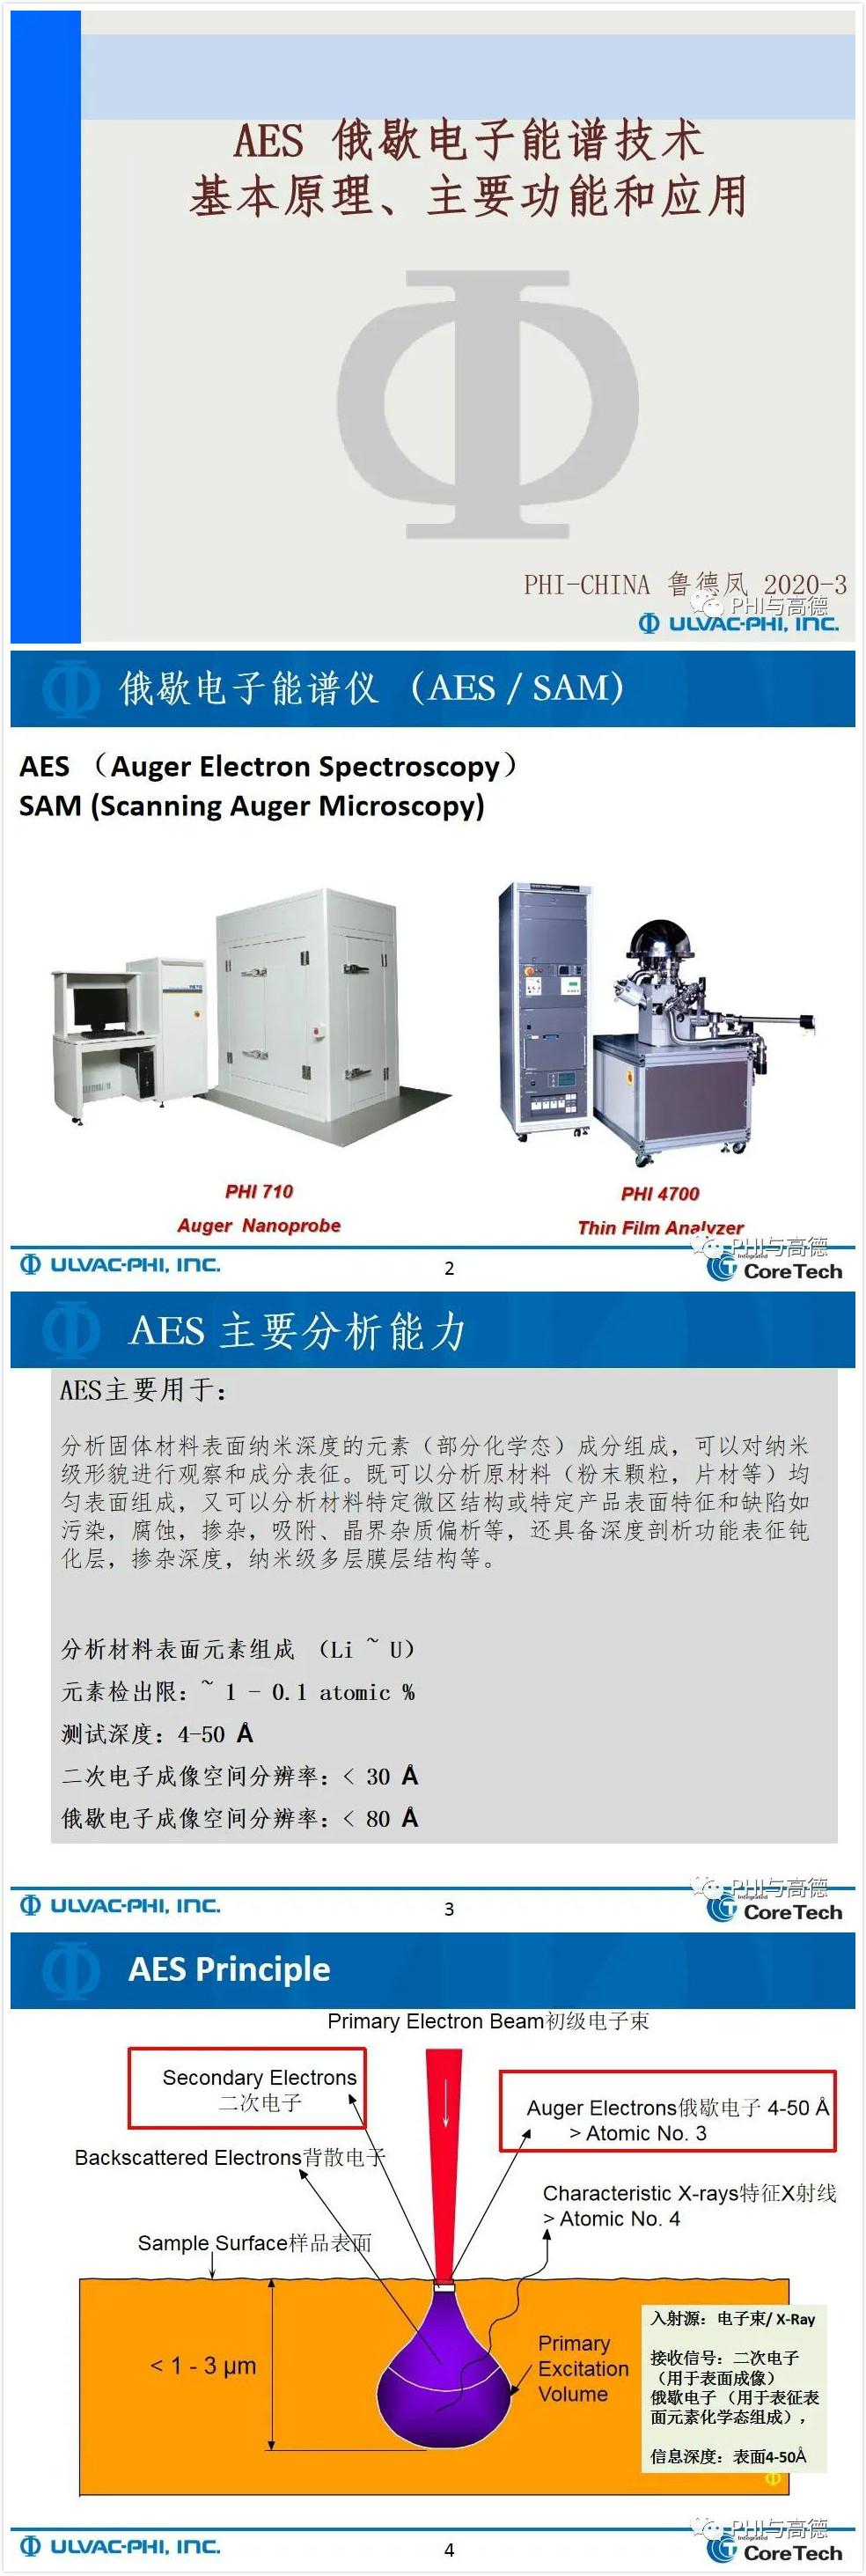 知识要点:AES基本原理、主要功能和应用